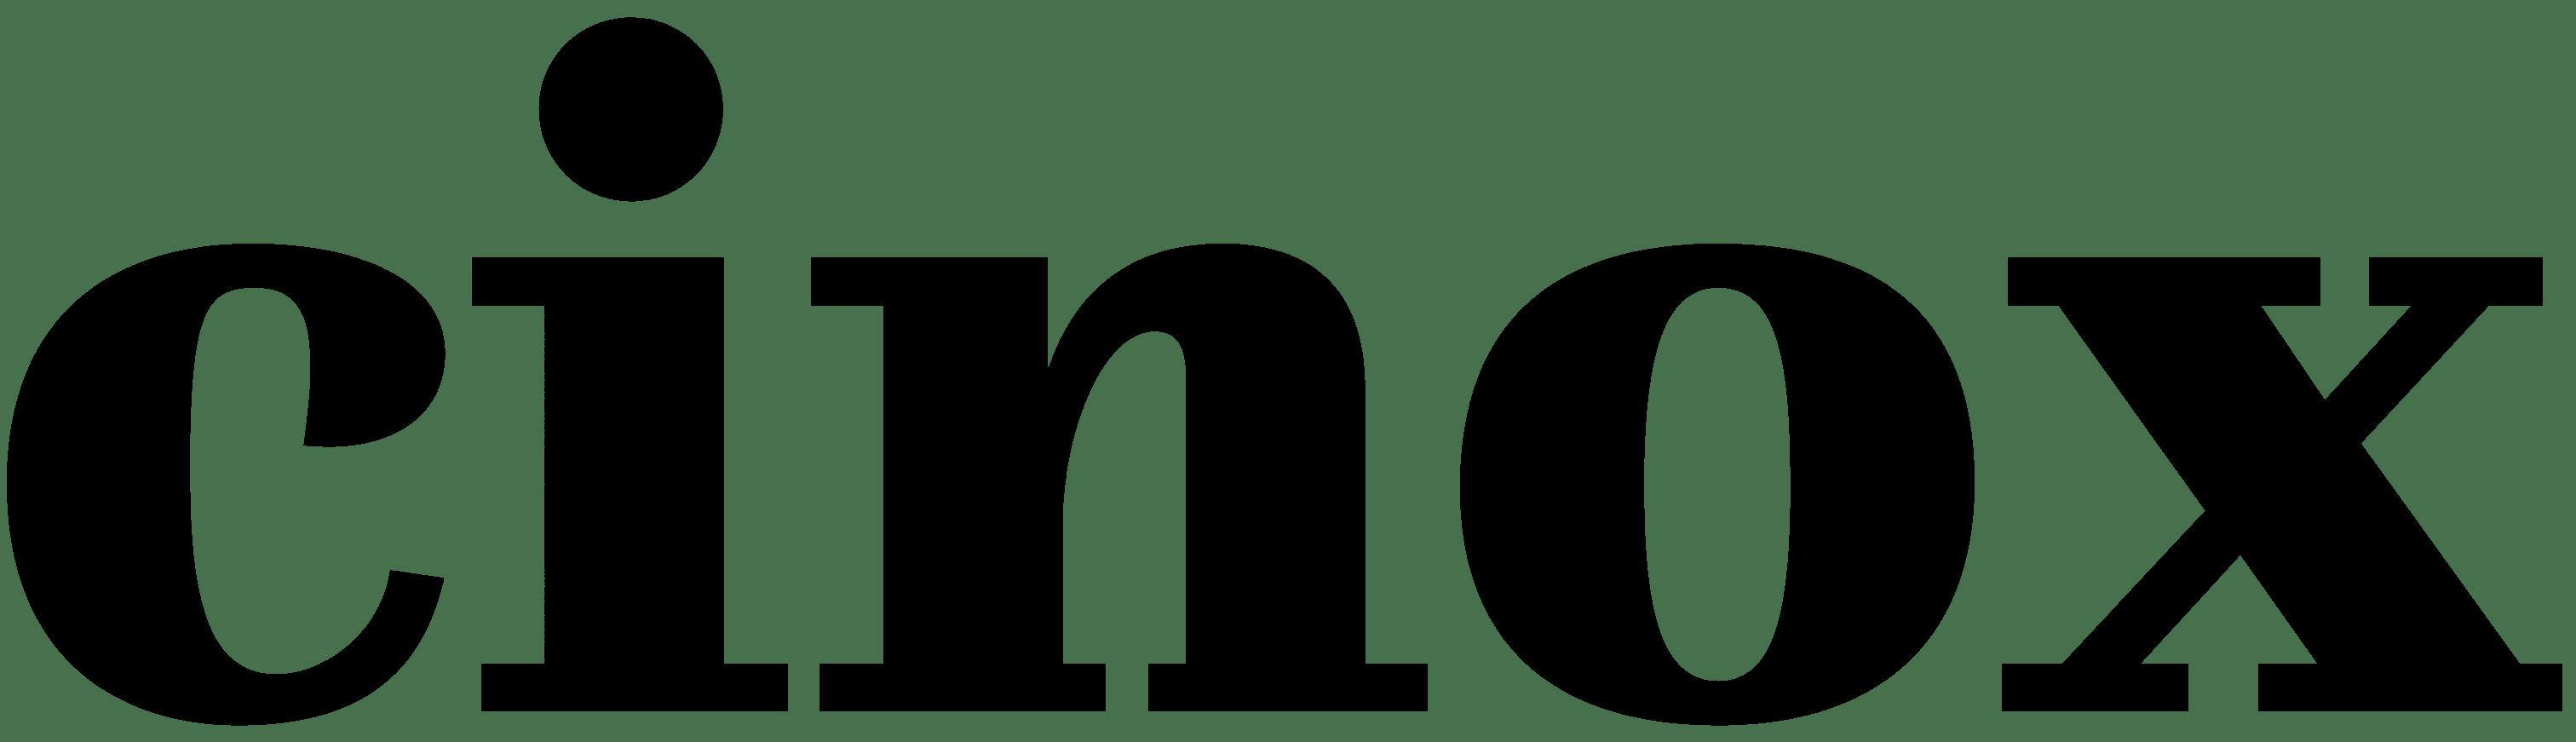 Cinoks Mutfak Esyalari San Tic Ltd Sti.